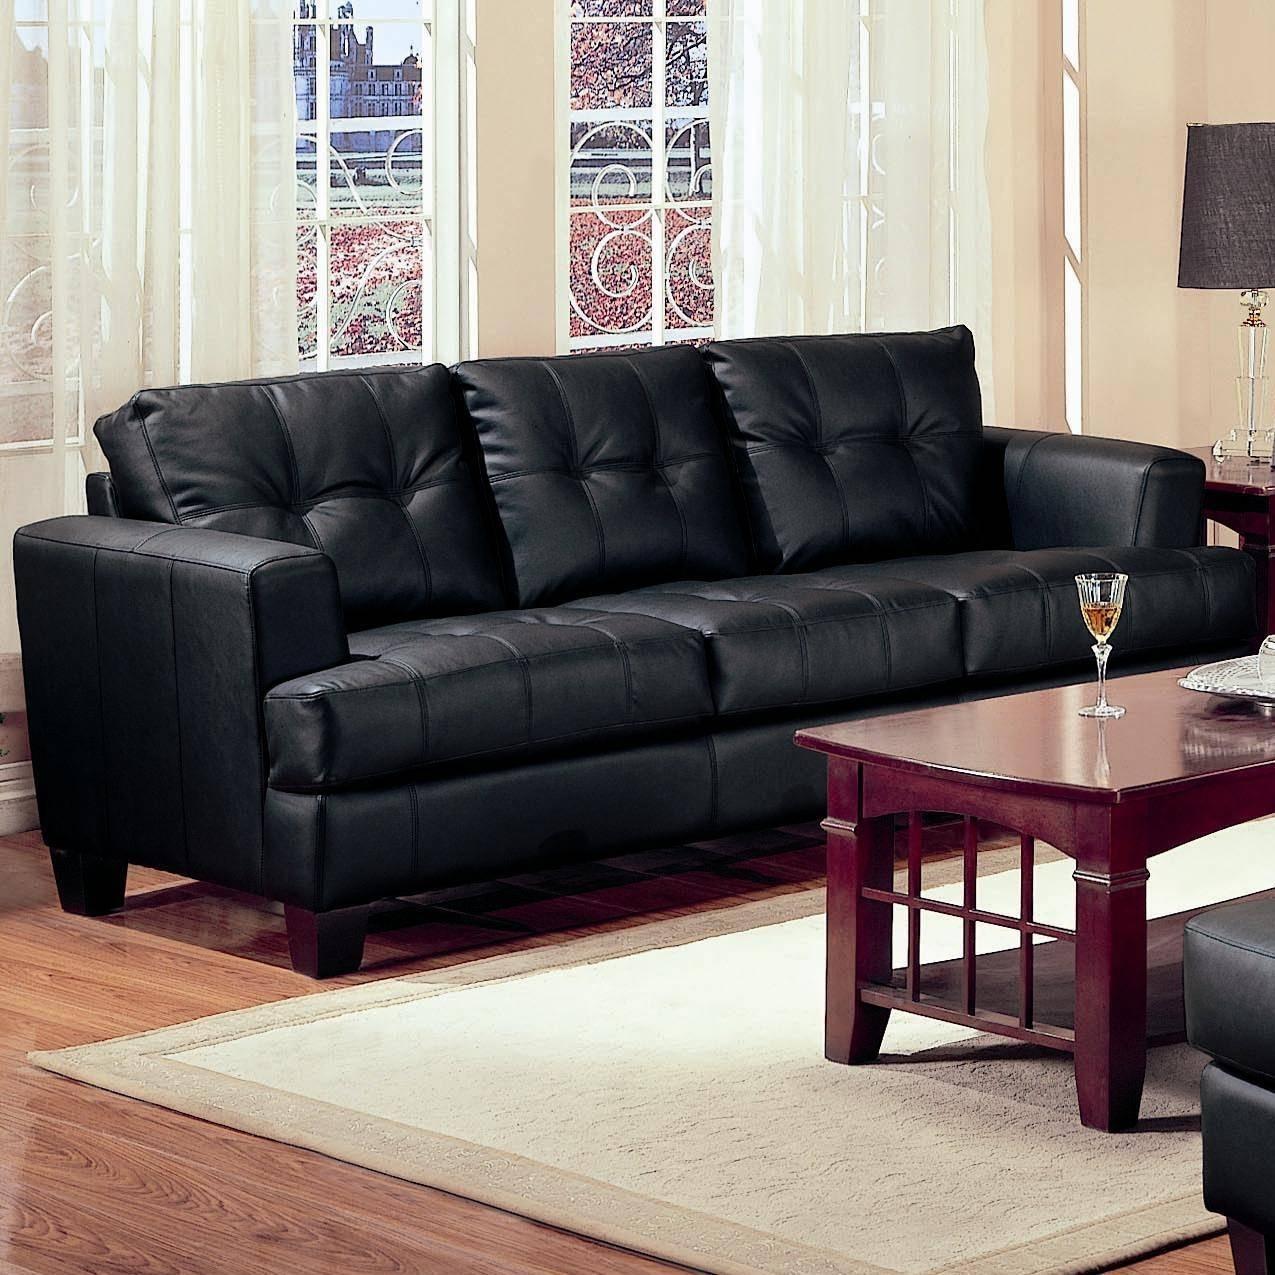 Sofa Ideas: Austin Sleeper Sofas (Explore #4 Of 20 Photos) with regard to Austin Sleeper Sofas (Image 12 of 15)